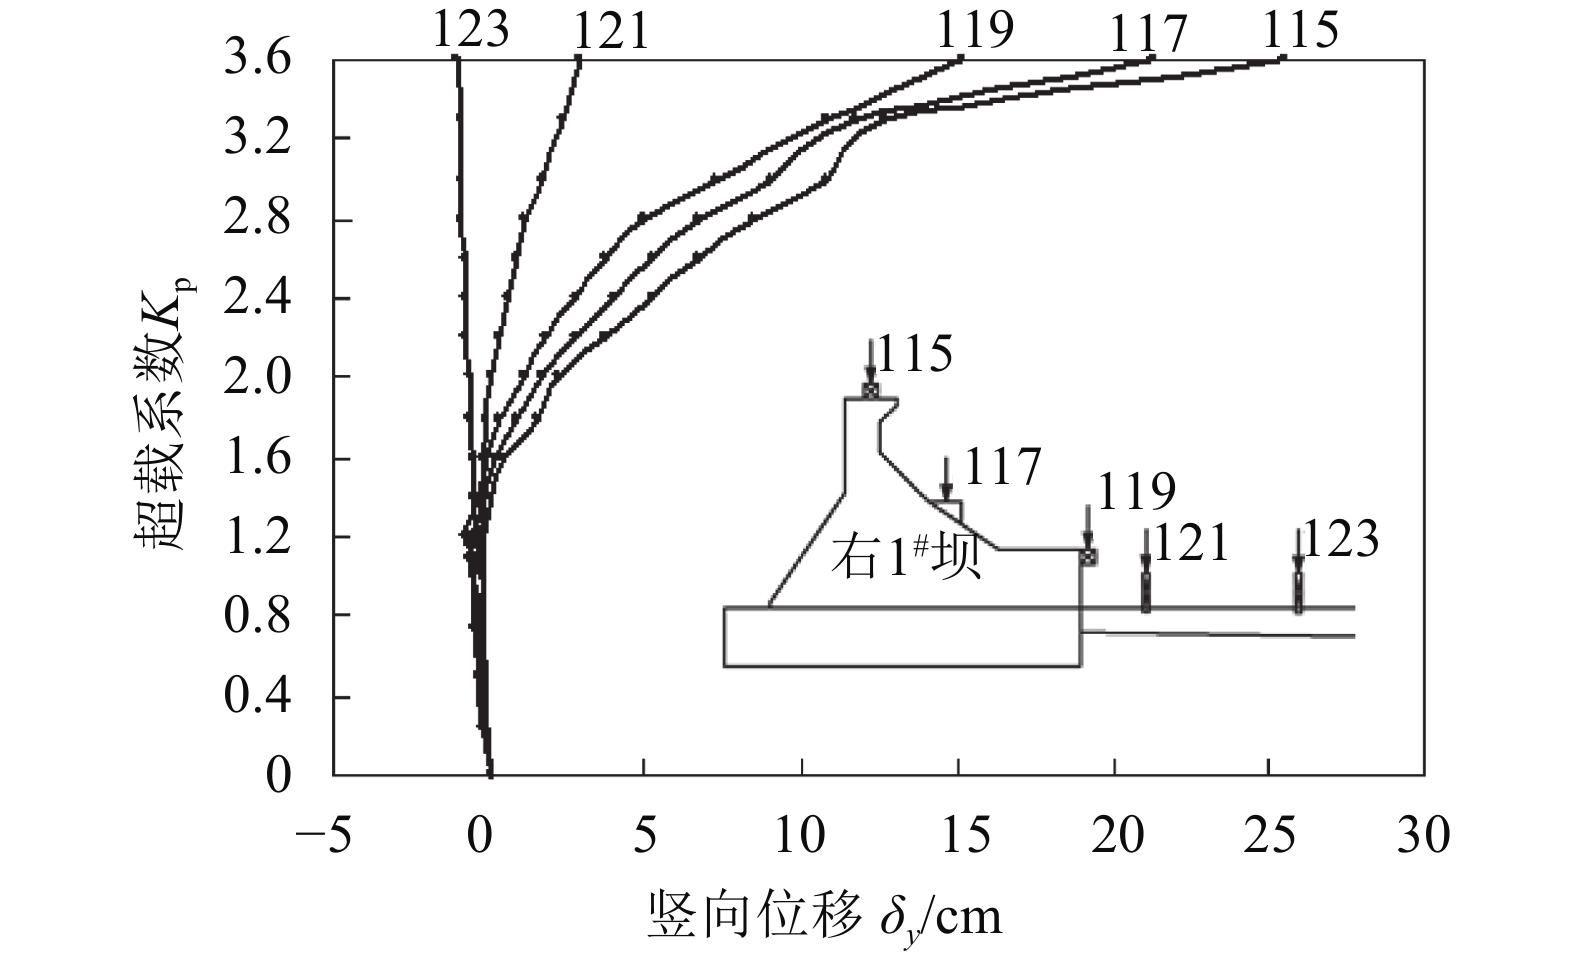 地质力学模型试验_突变理论在地质力学模型试验失稳判据中的应用